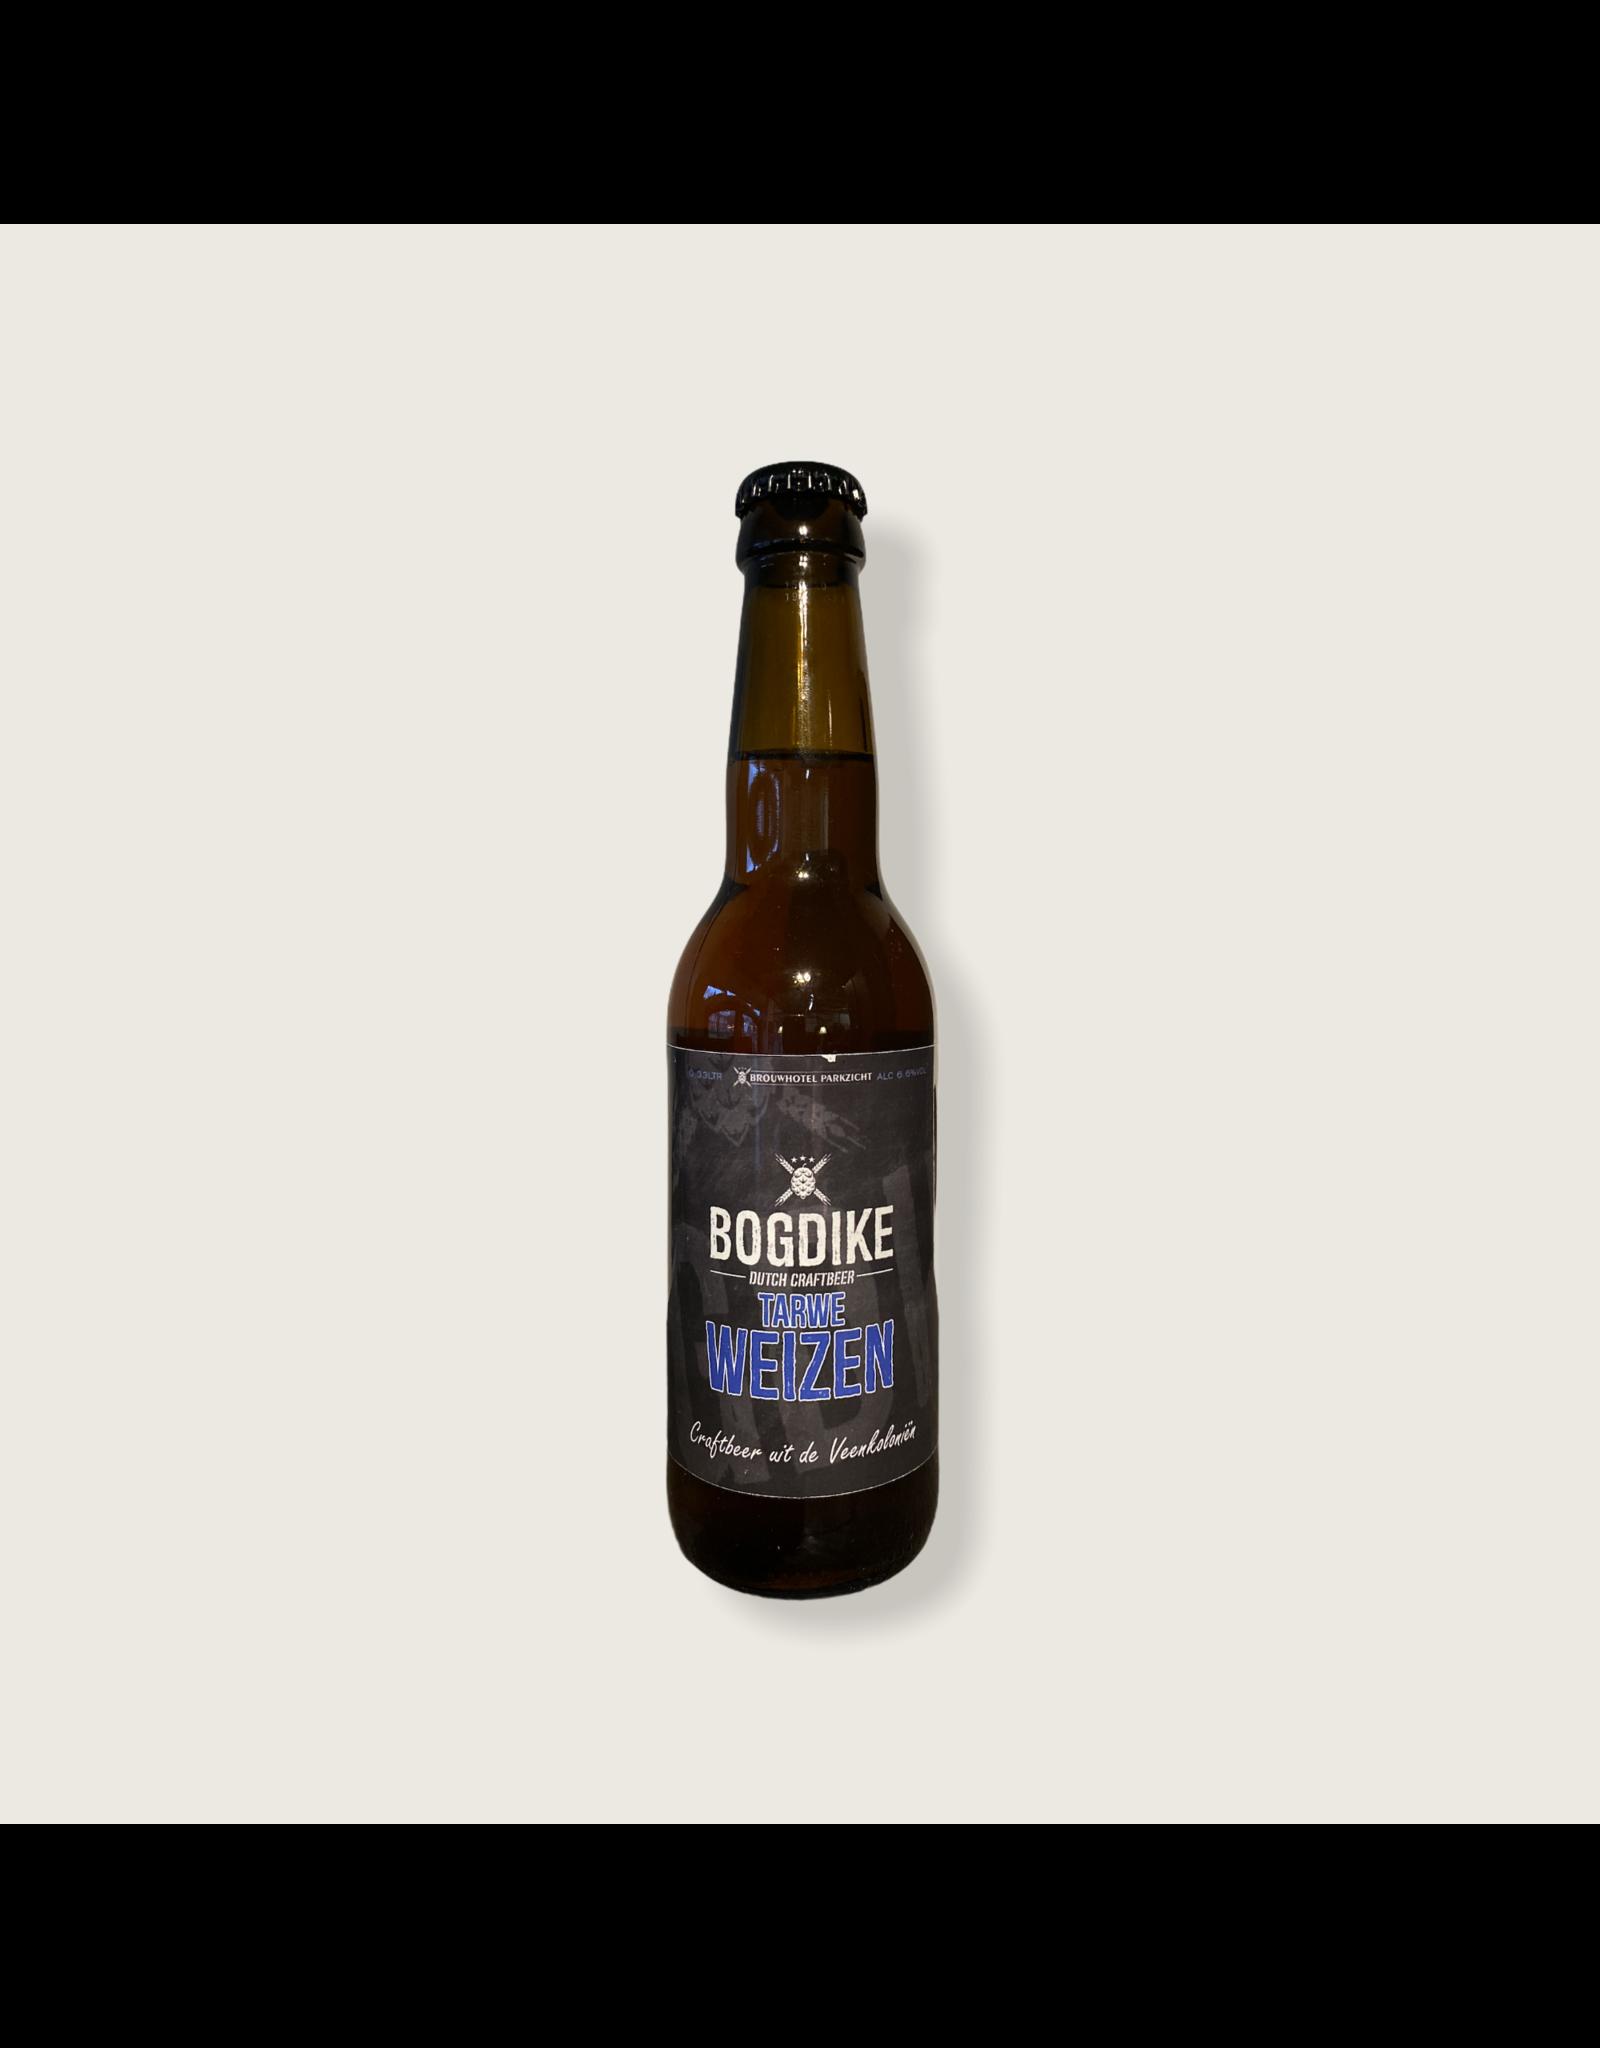 Bogdike Bogdike Weizen 33cl